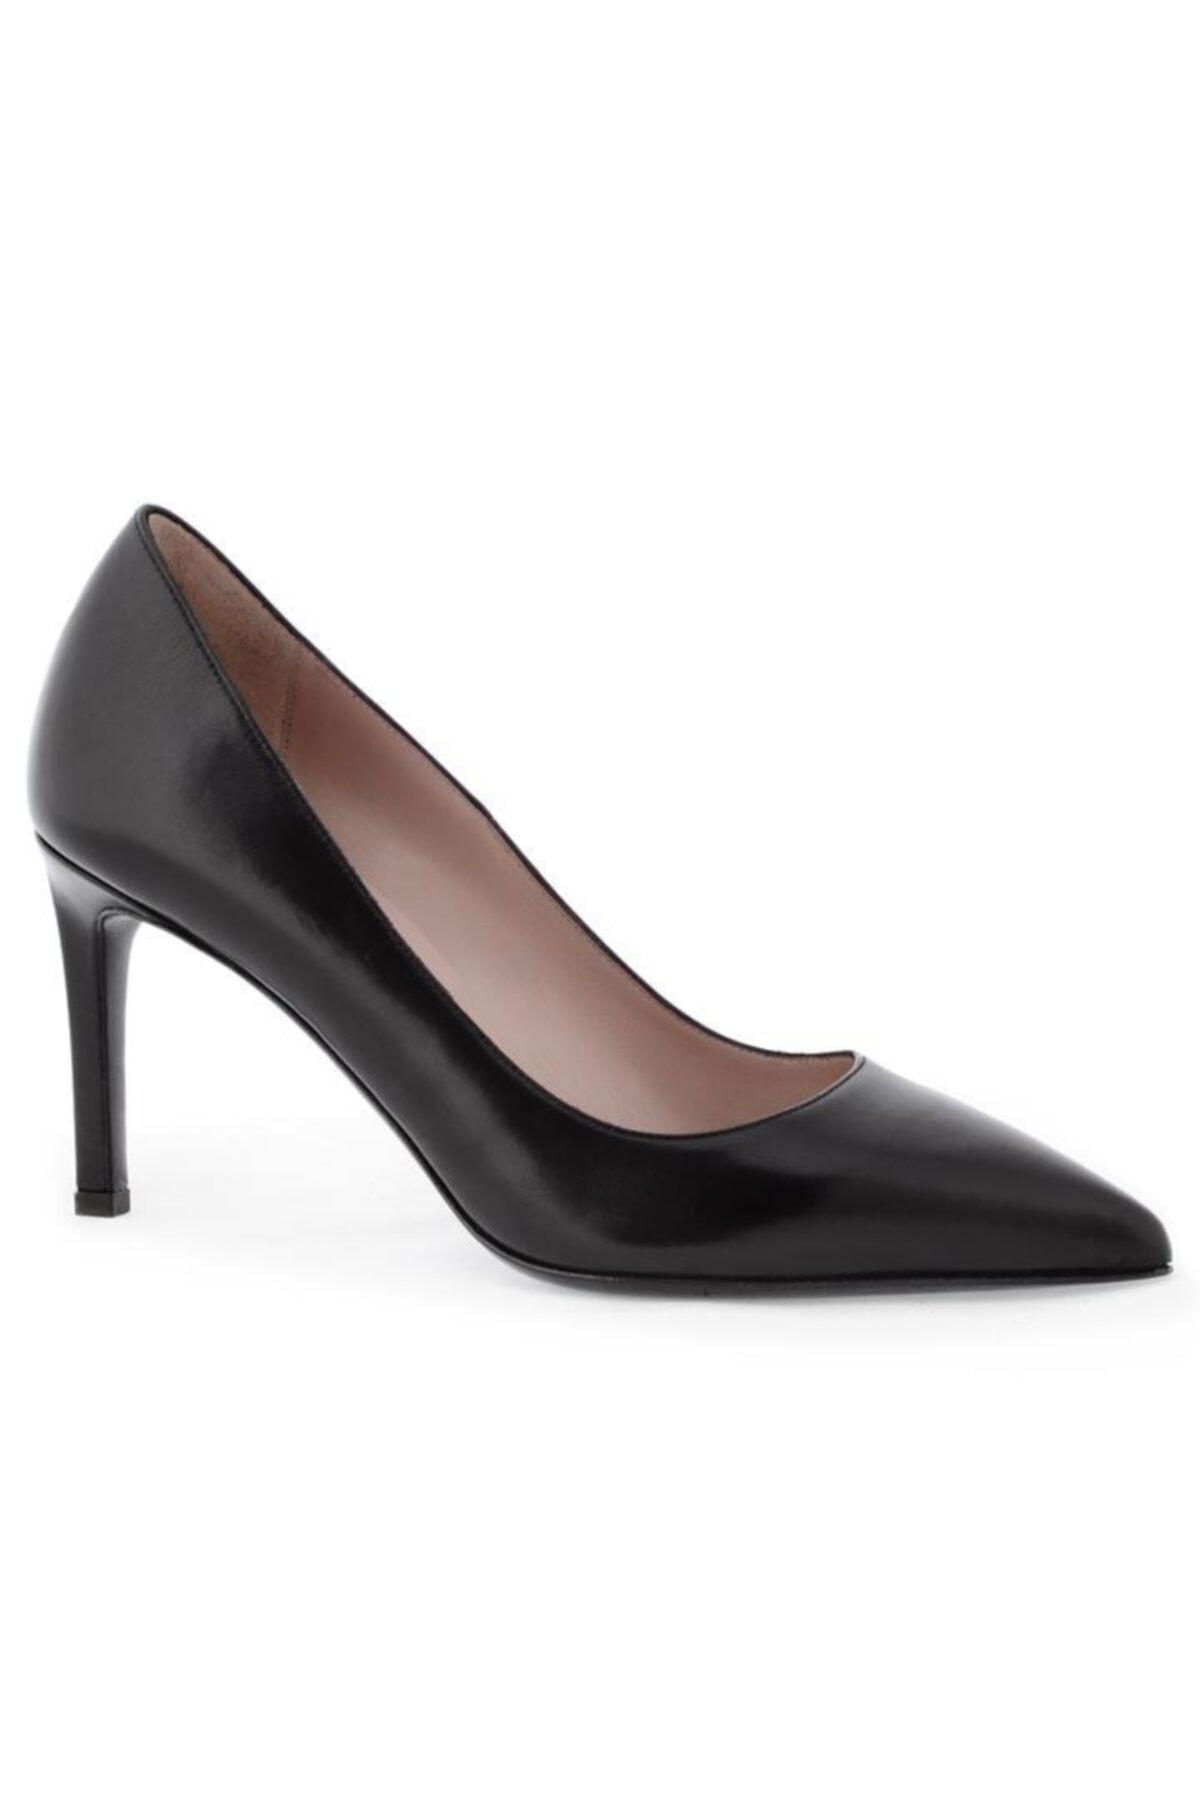 Nursace Hakiki Deri Klasik Topuklu Ayakkabı Nsc18y-a57101 2